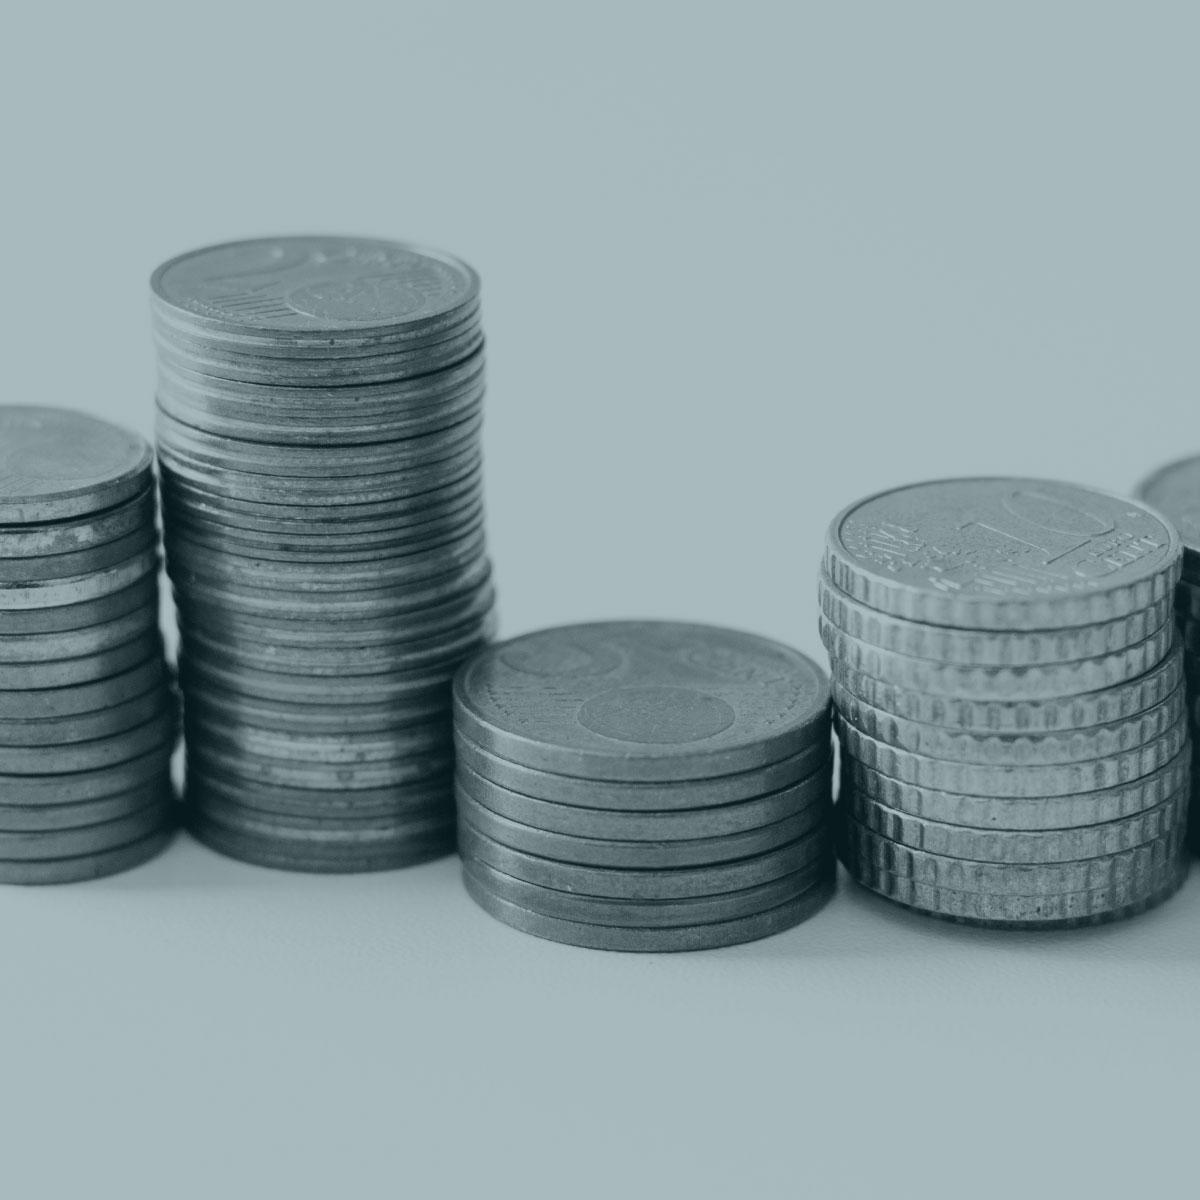 Landorr_services-finance.jpg